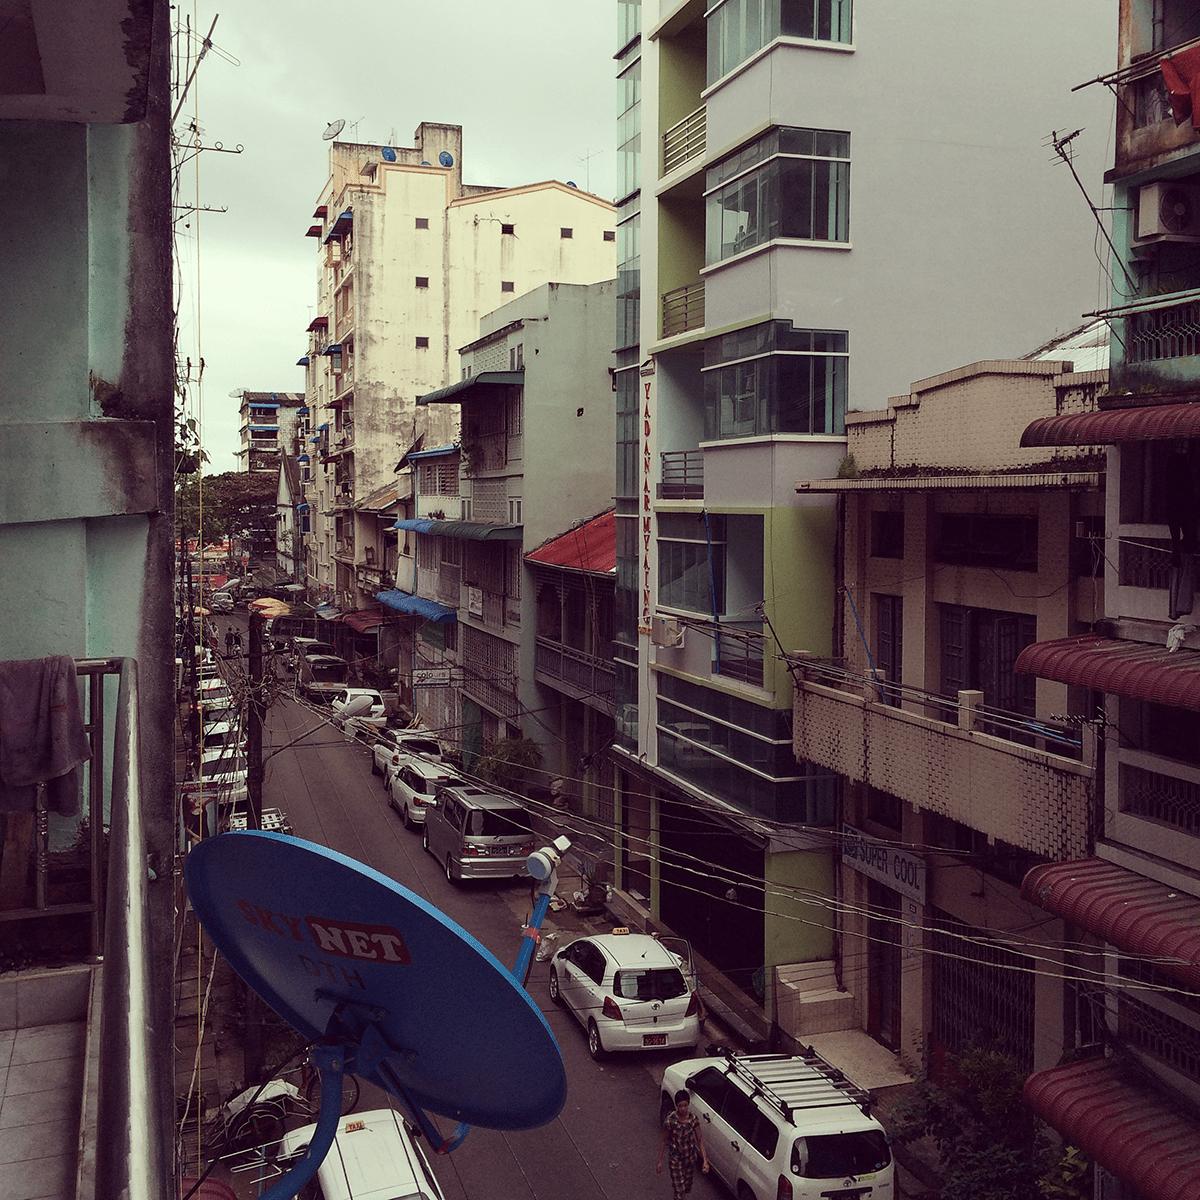 Hostel in Yangon